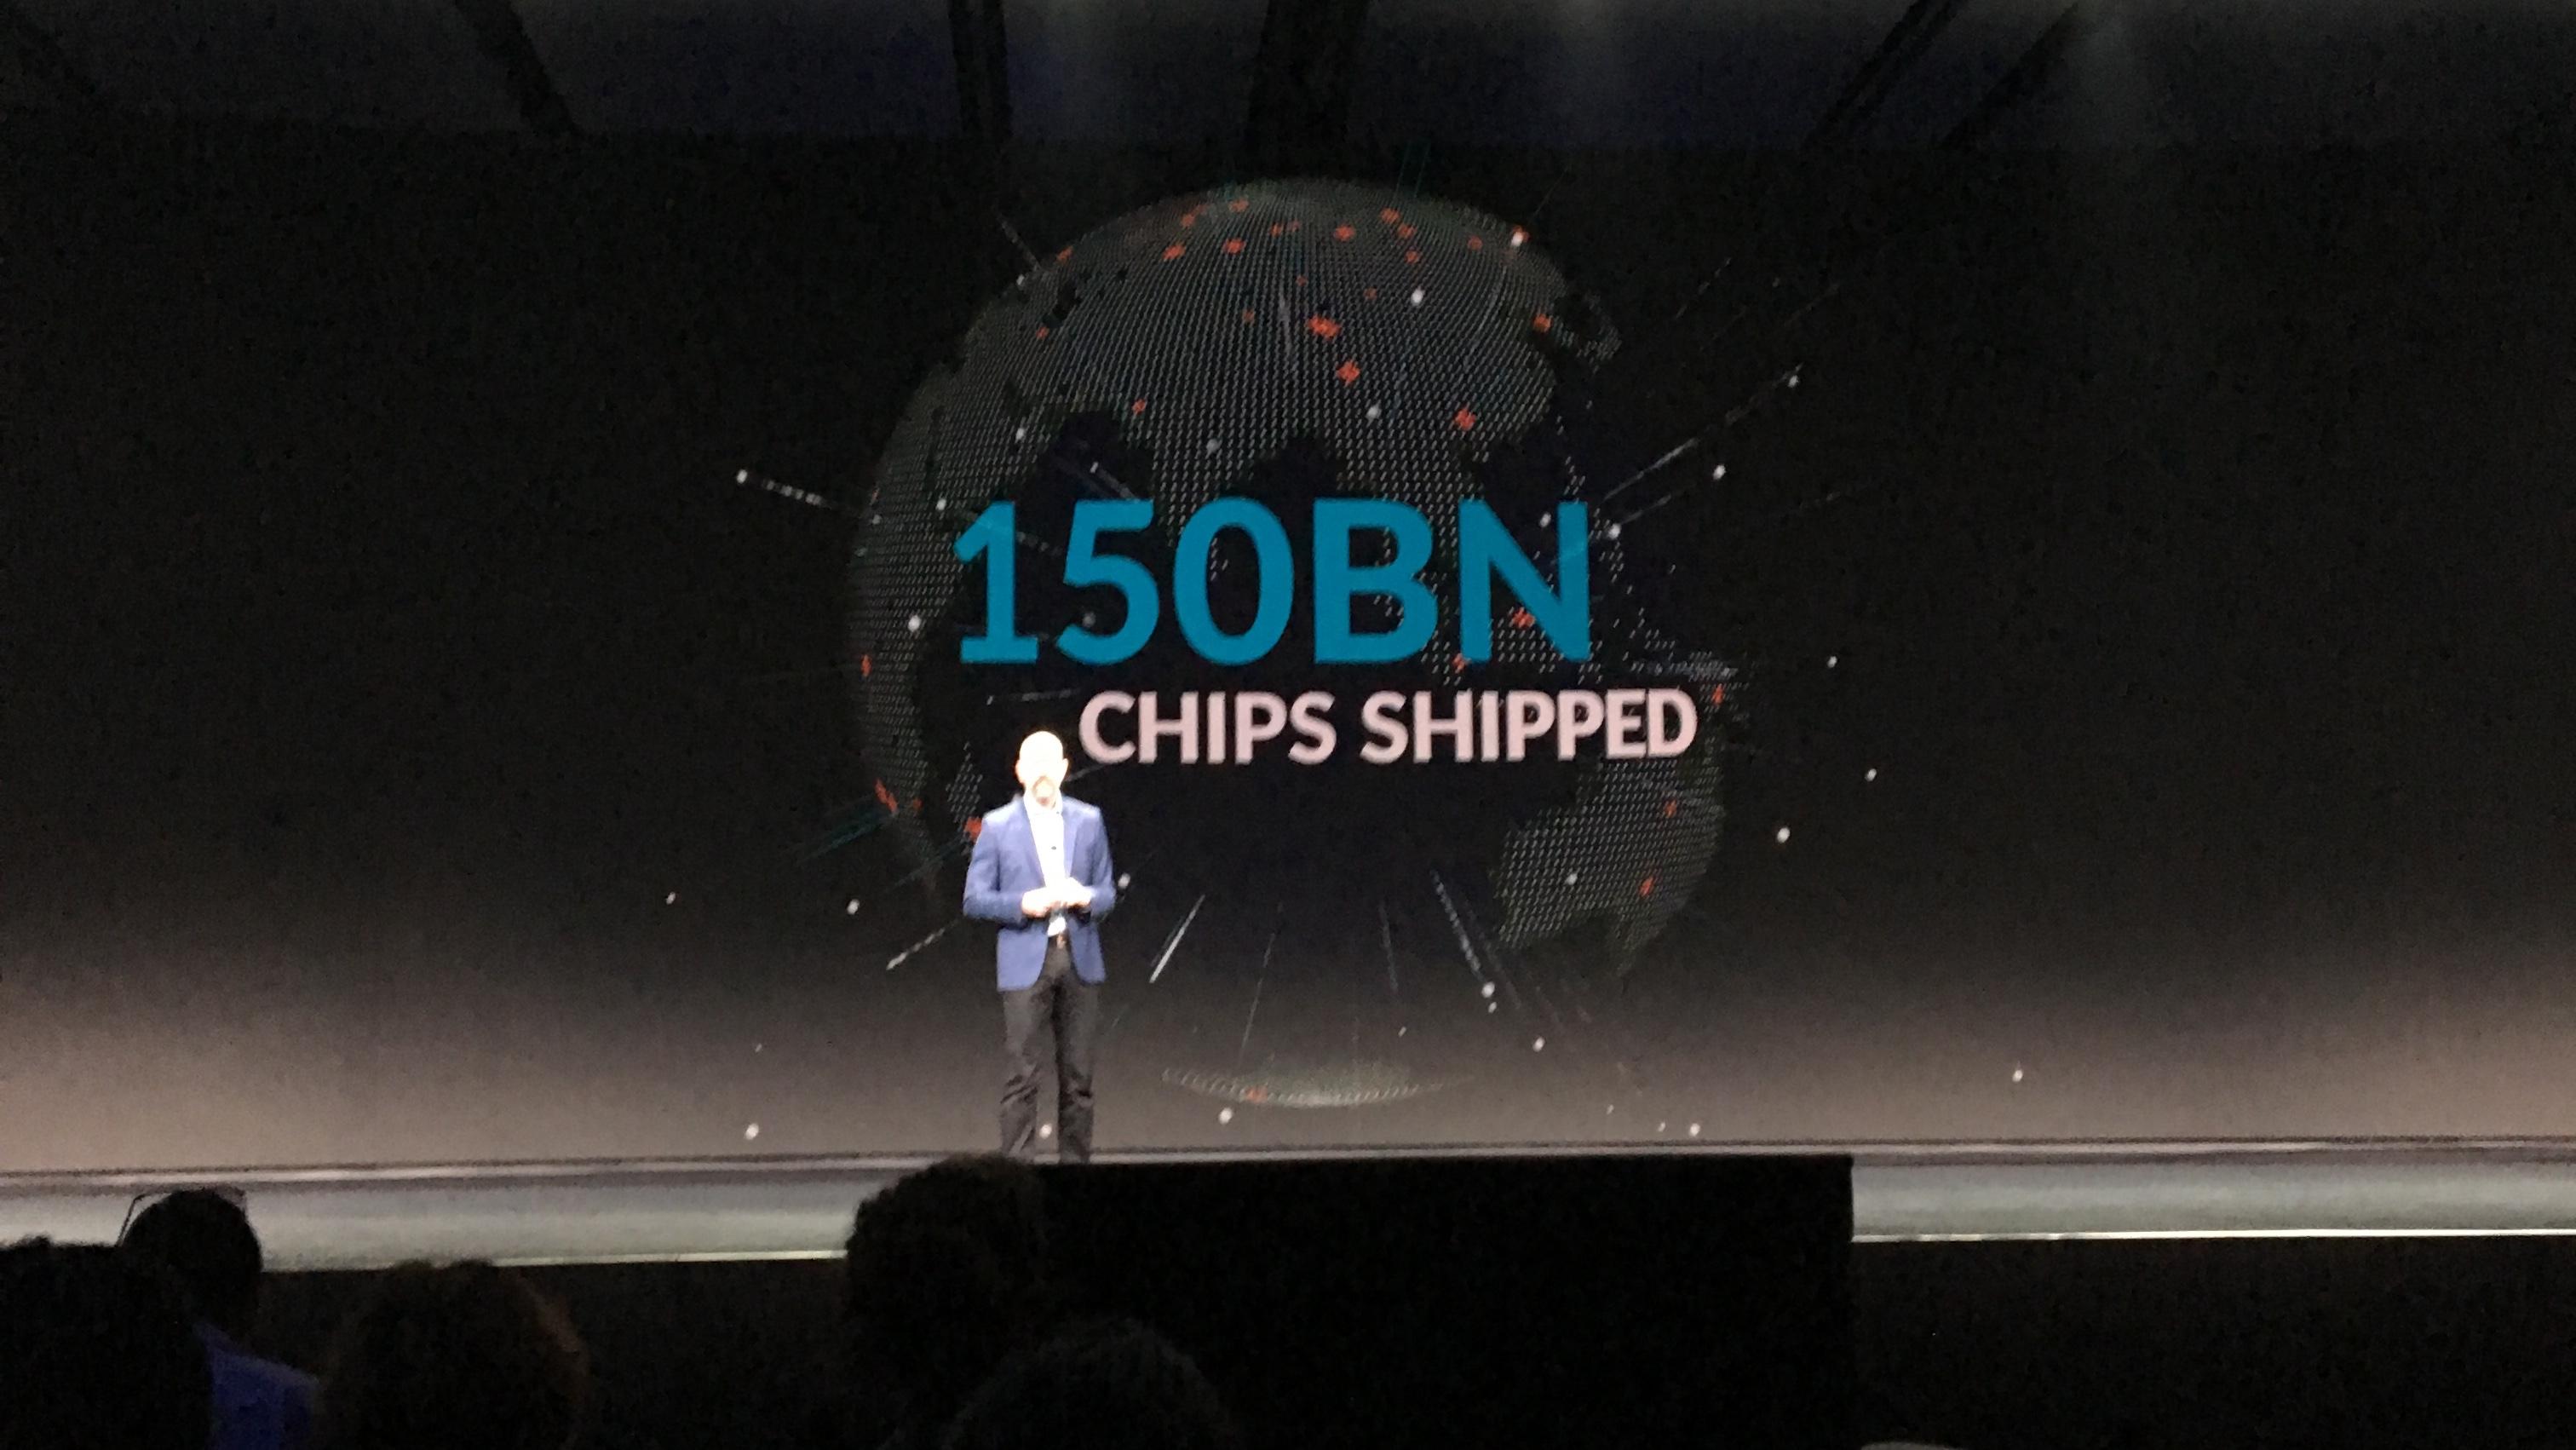 重磅!Arm 出货超过 1500 亿,杀入自定义指令散,剑指 RISC-V